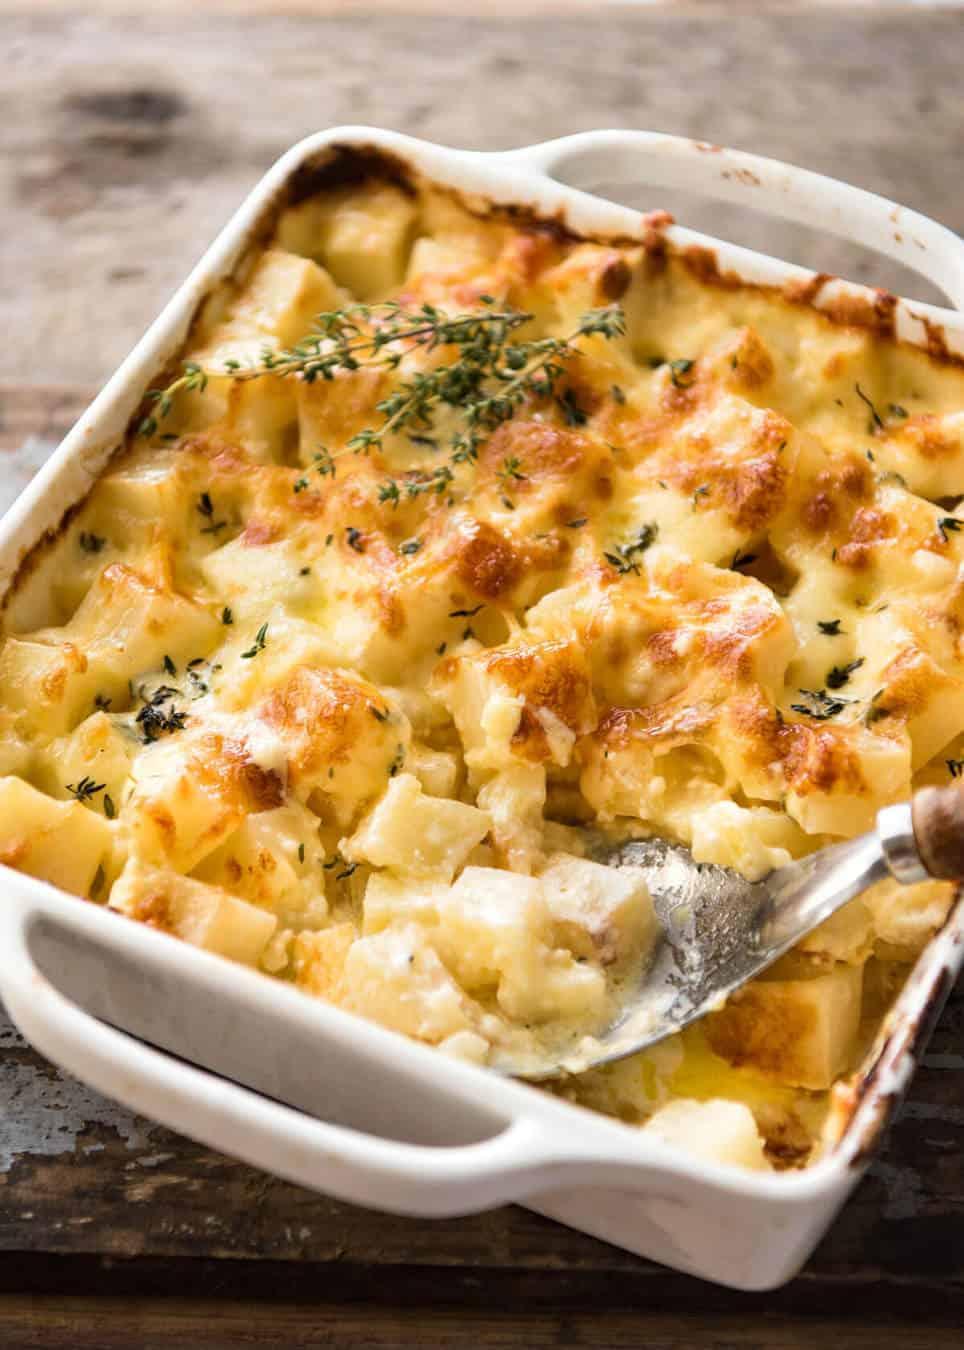 Картофельная запеканка с фаршем в духовке – 9 самых простых и вкусных пошаговых рецептов с фото